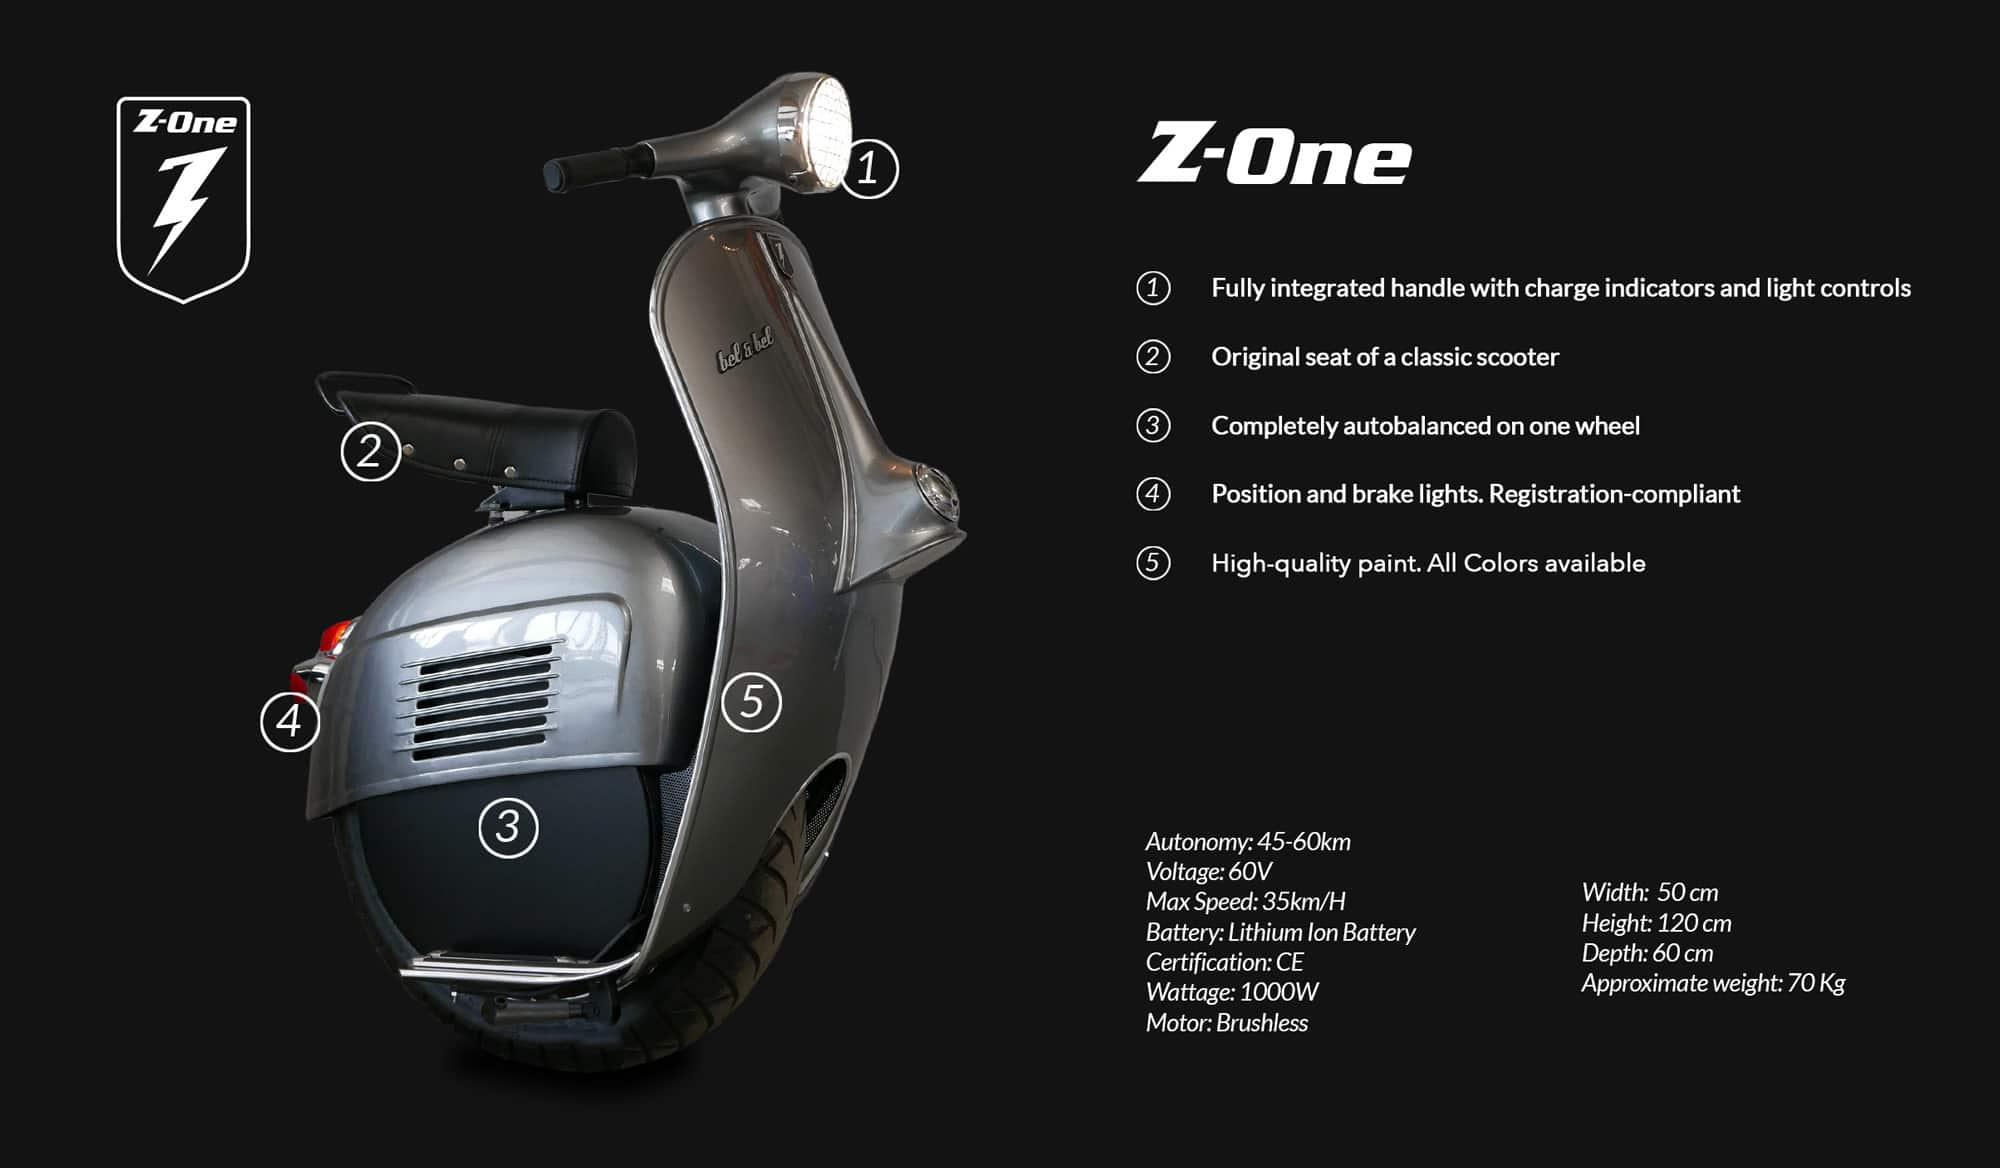 z-one especificaciones tecnicas